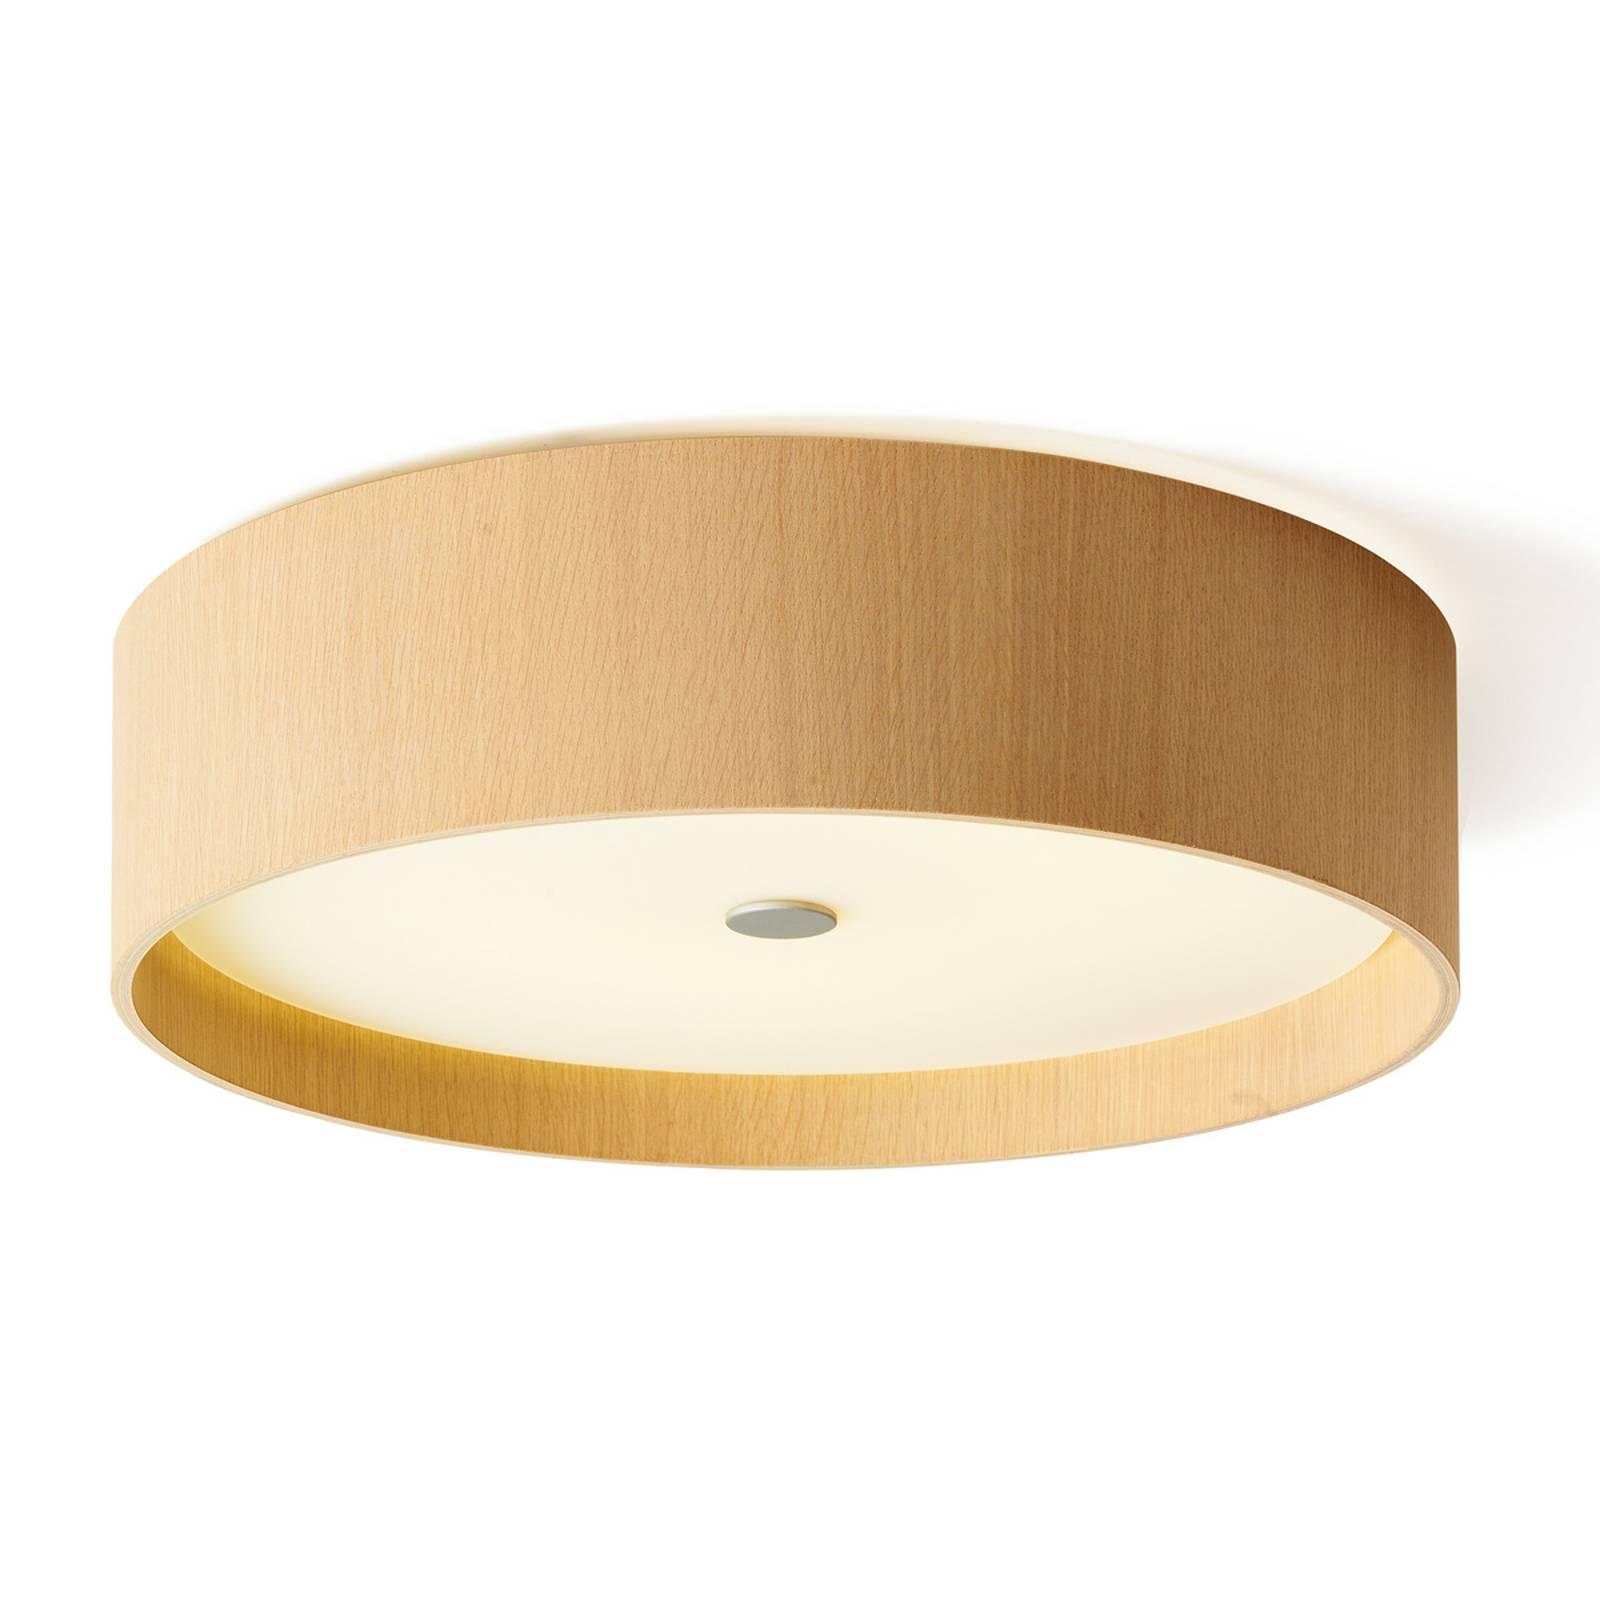 Houten plafondlamp Lara wood met LED, 43 cm